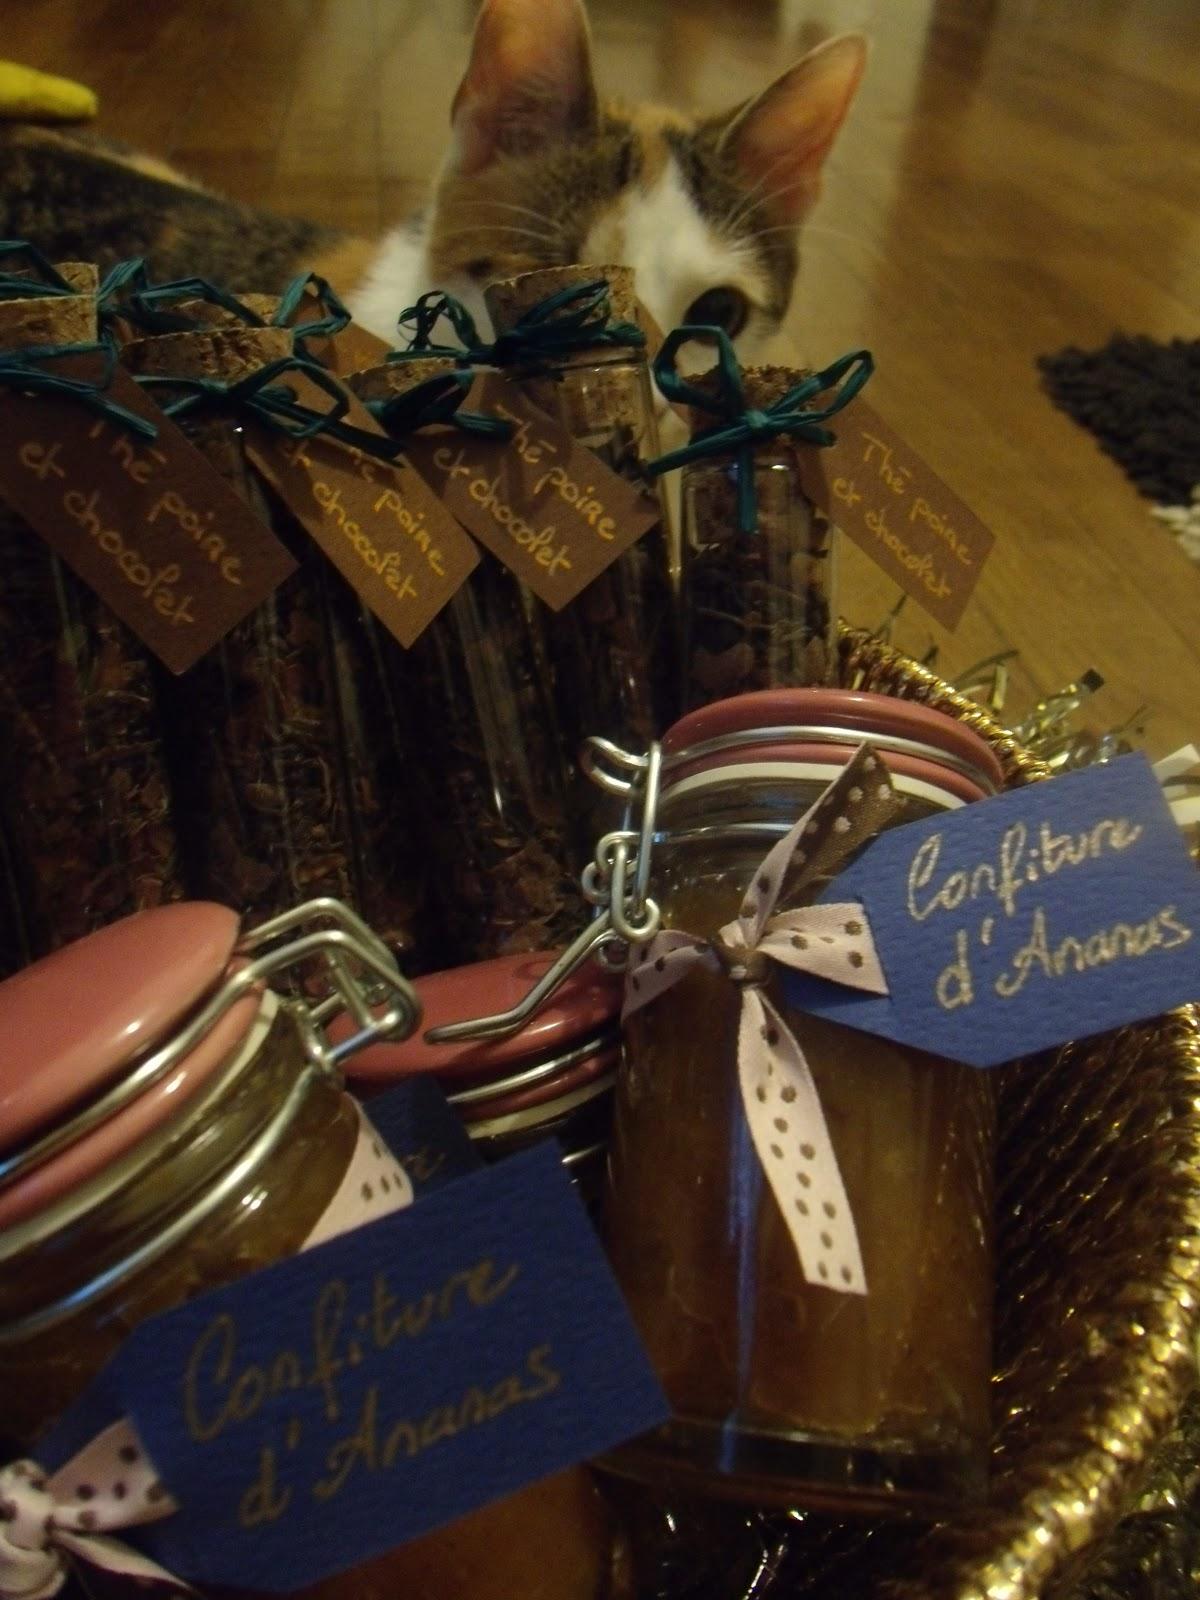 Mlle prune cadeaux de no l maison for Cadeaux de noel maison